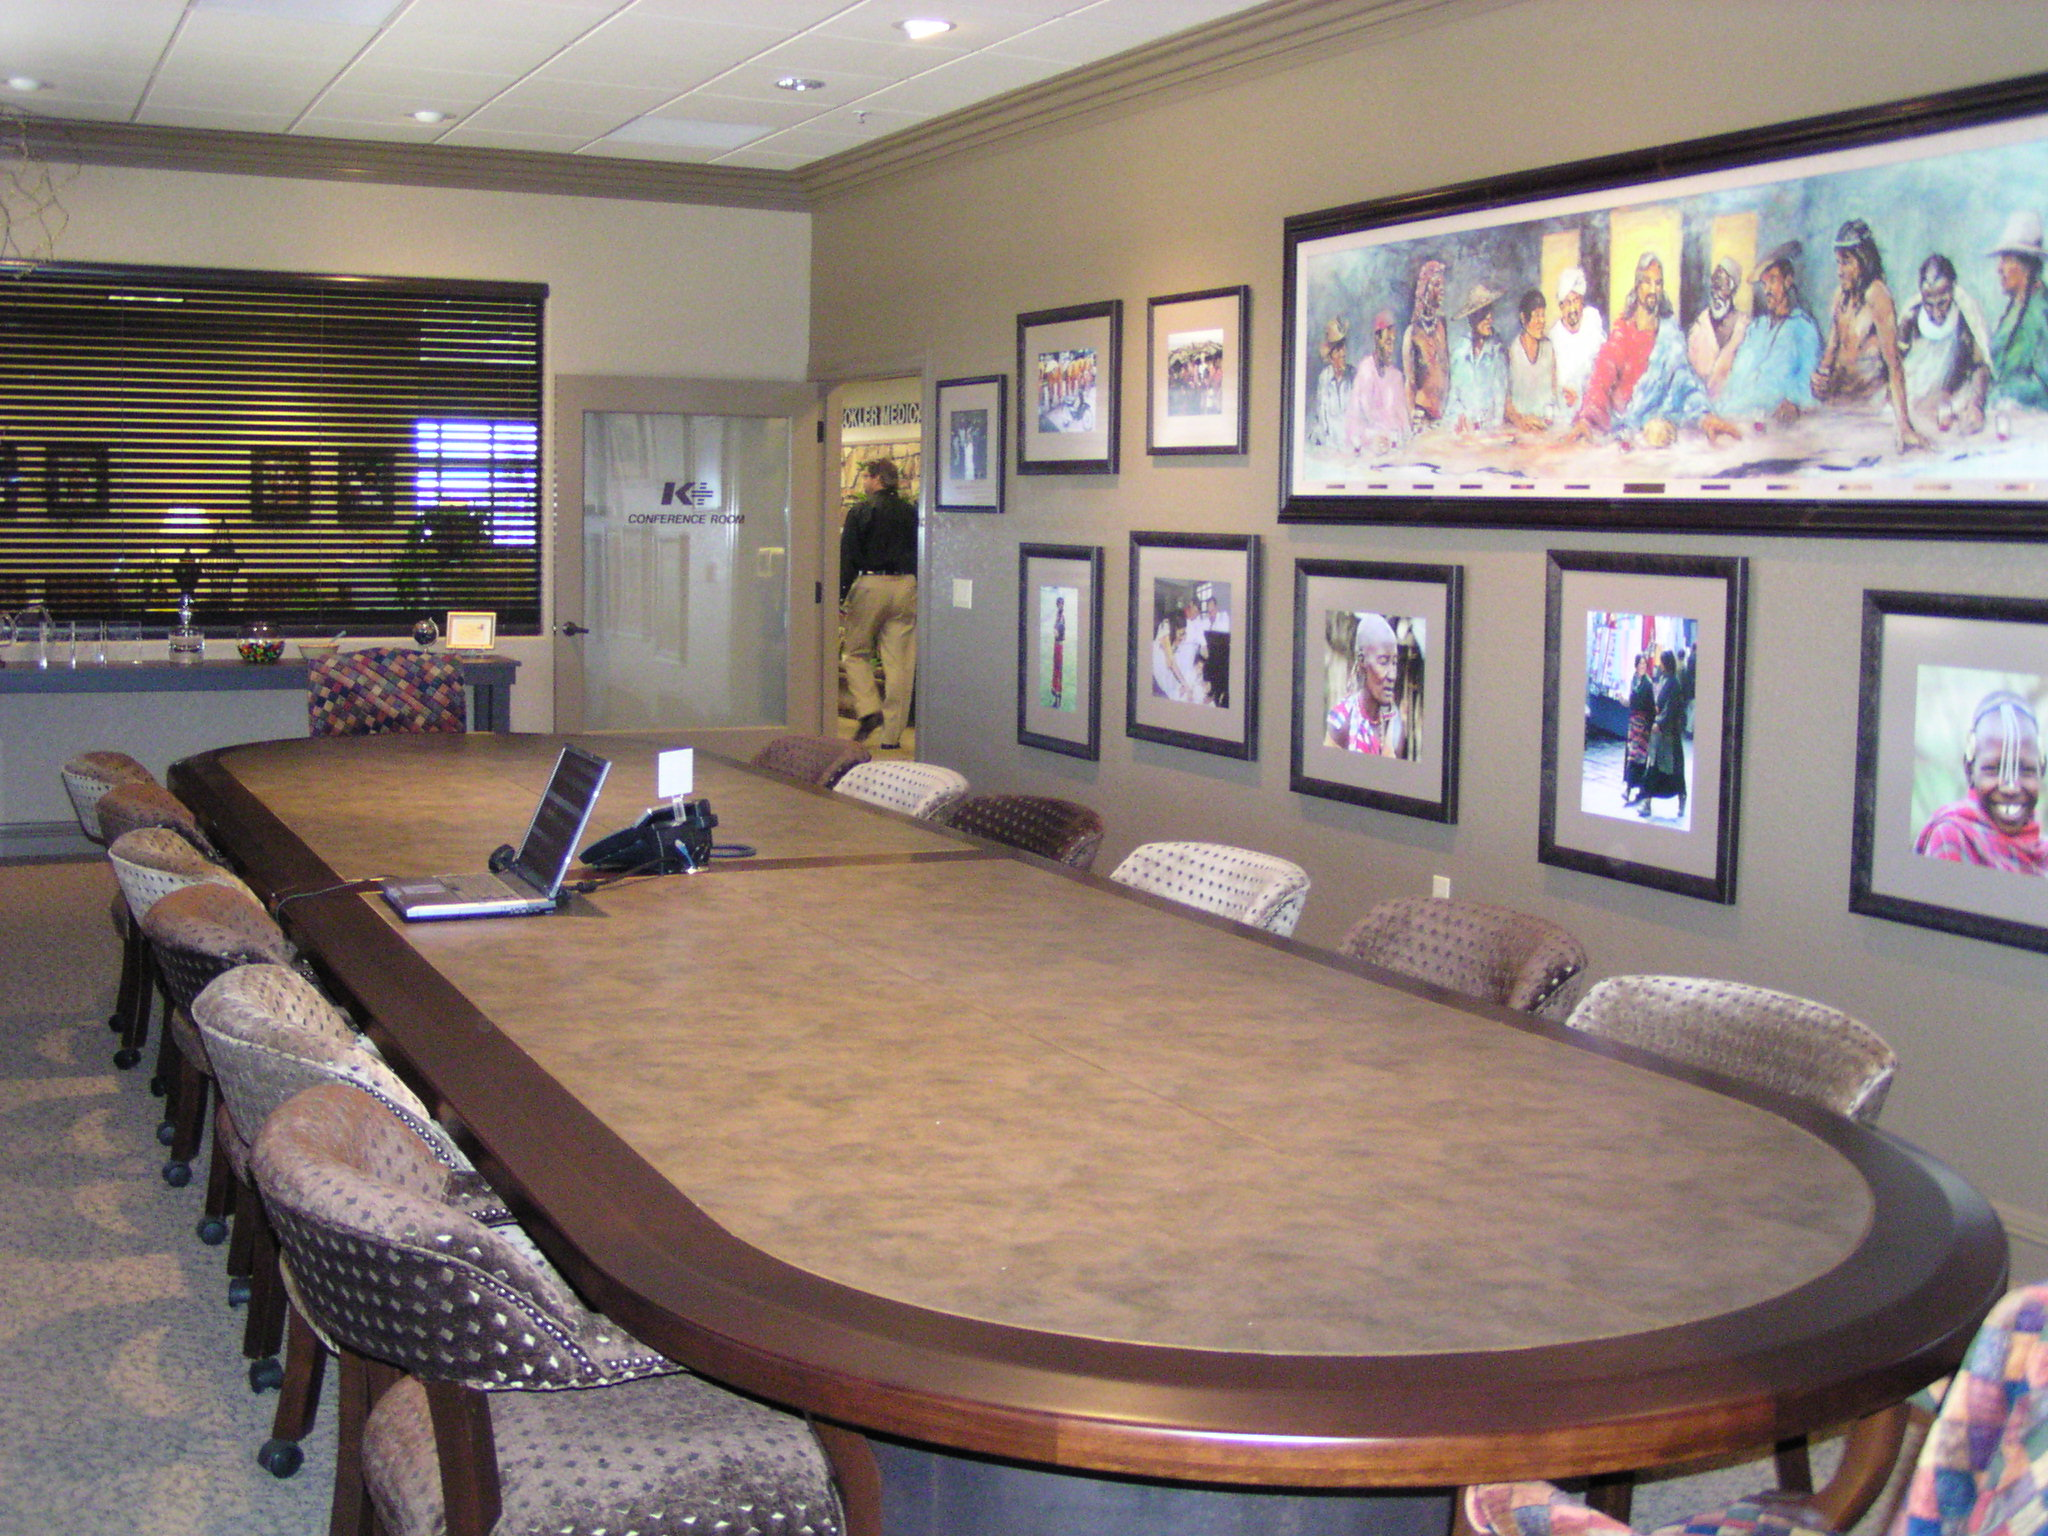 Keckler Medical Conference Room & Medical Missions Pictures.JPG